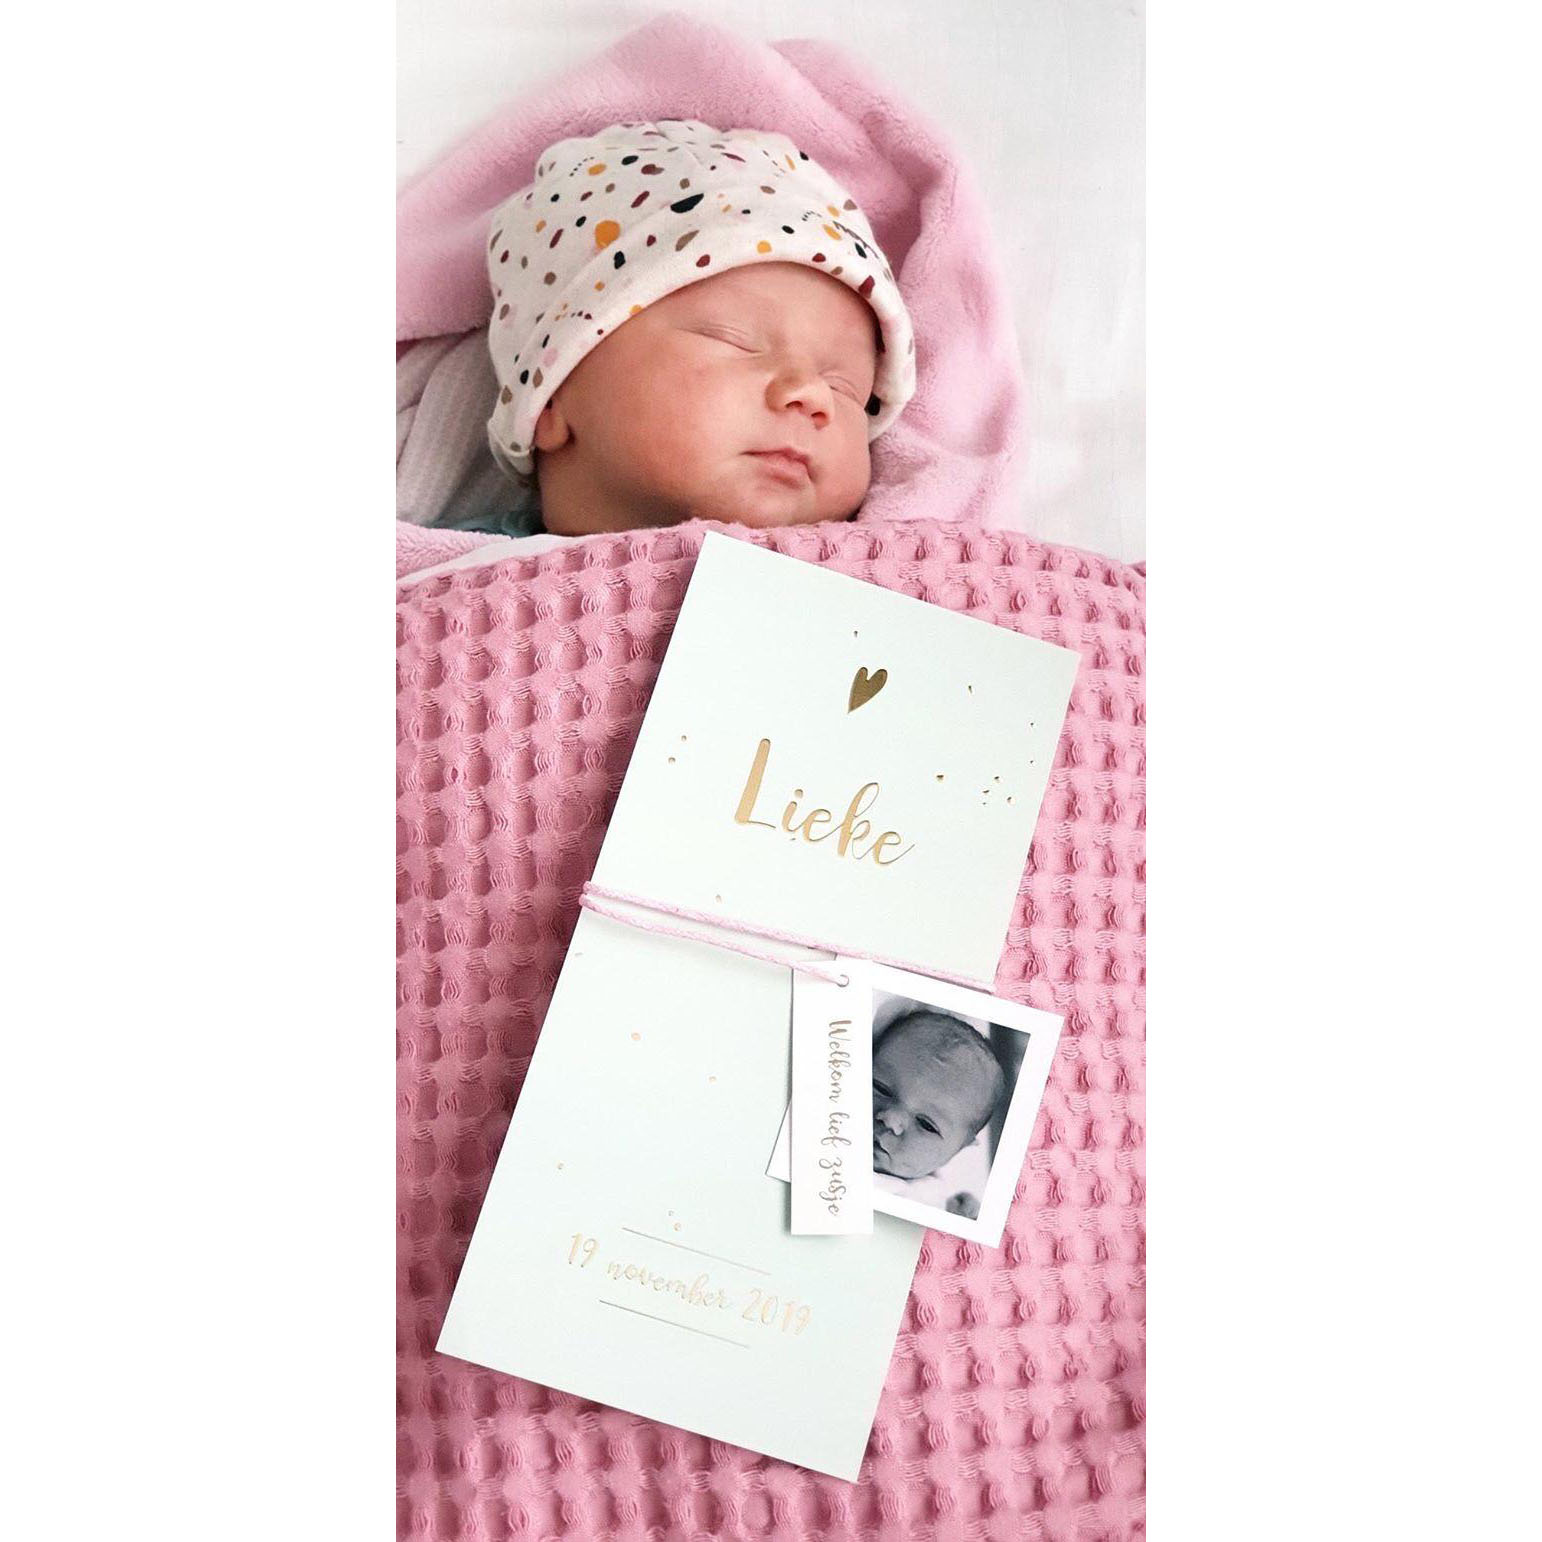 Goudfolie geboortekaartje op grijsgroene achtergrond